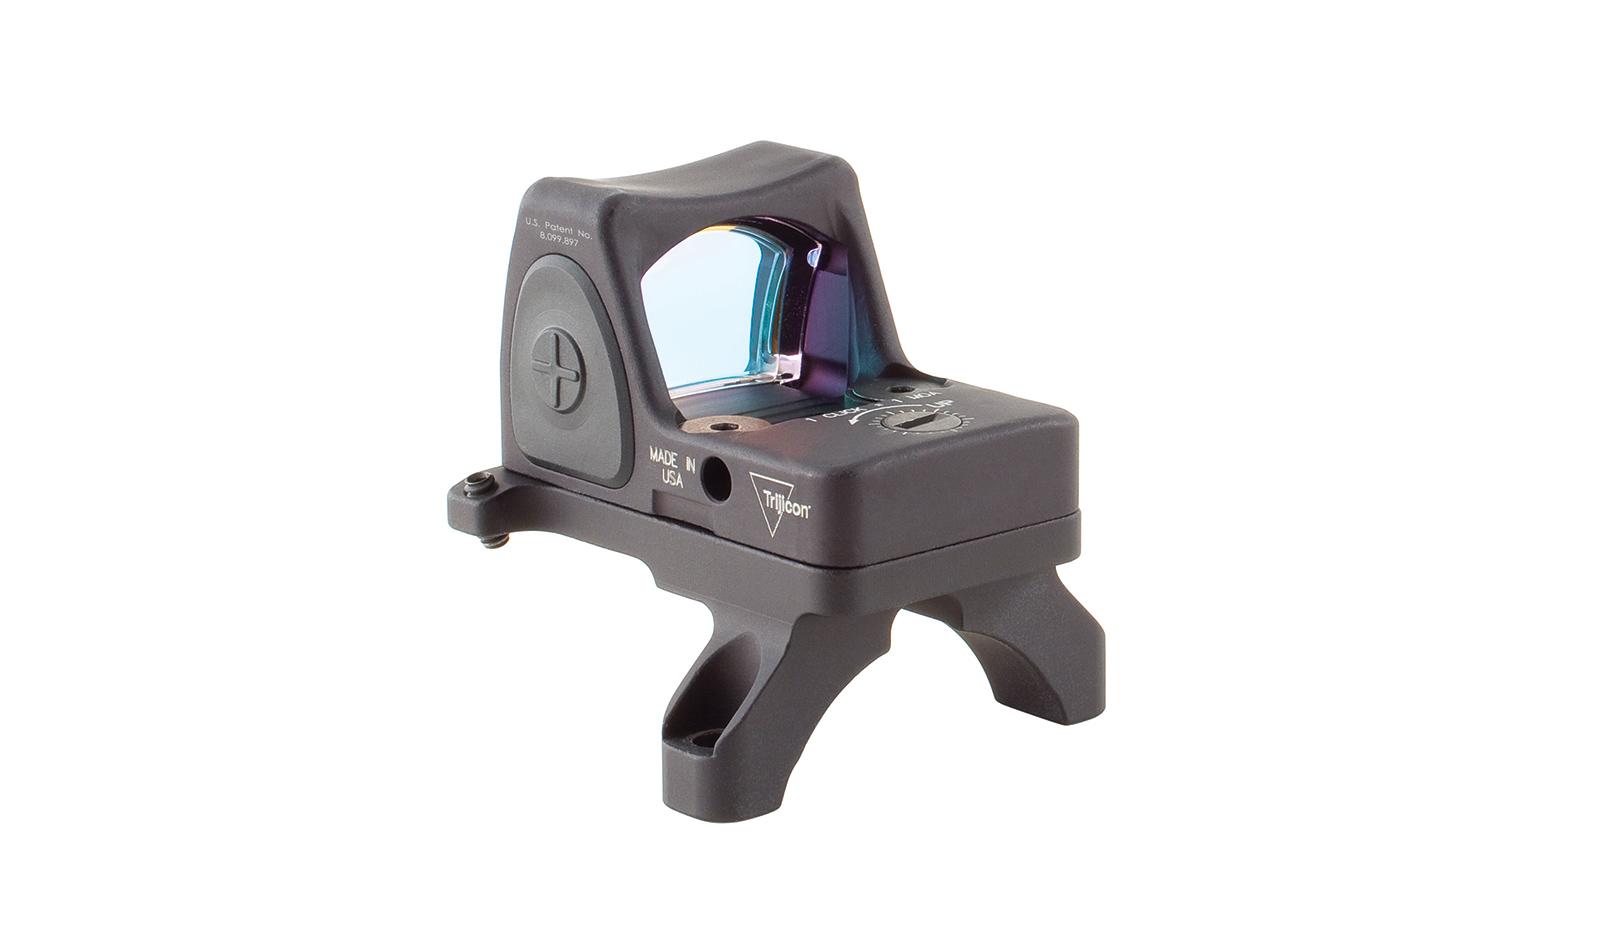 RM06-C-700676 angle 2